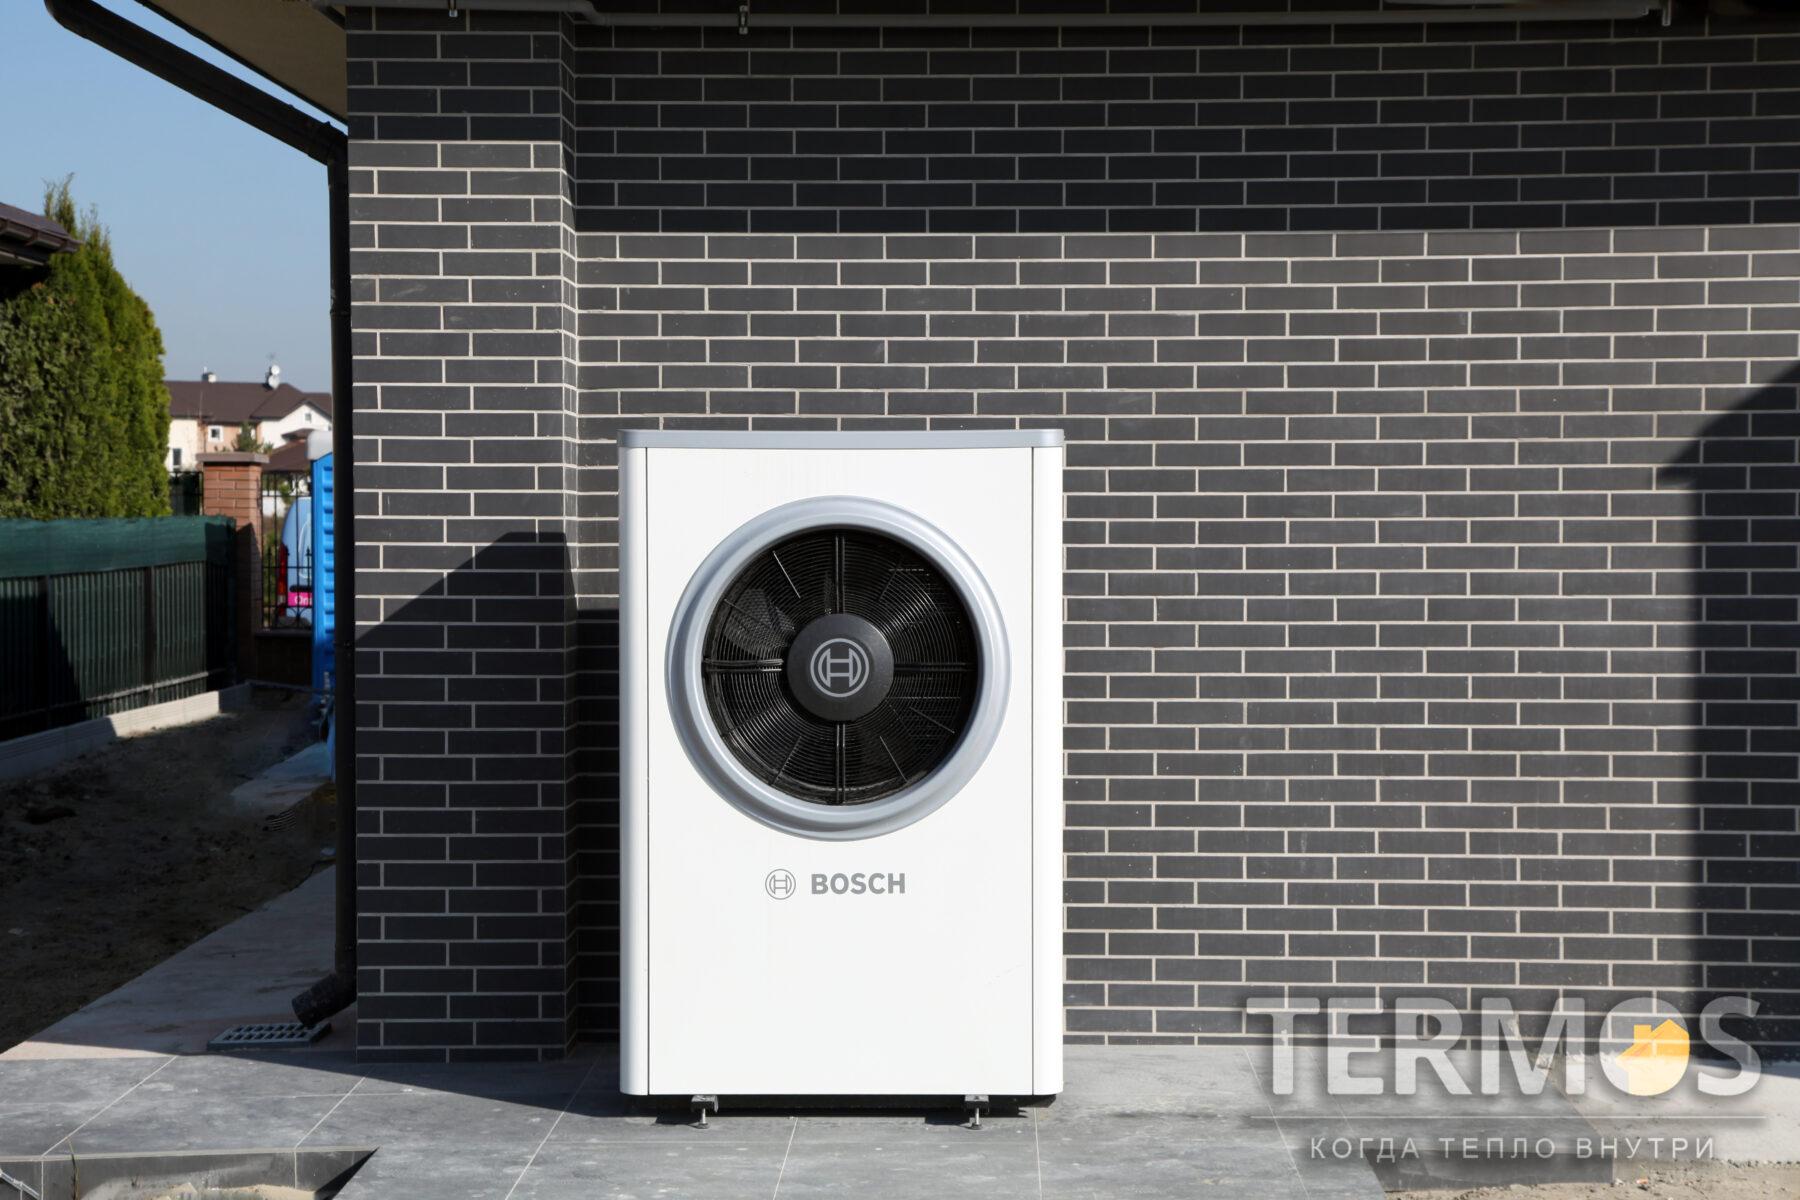 Воздушный реверсивный тепловой насос BOSCH (Германия) Compress 7000i 17 кВт с режимами тепло / холод